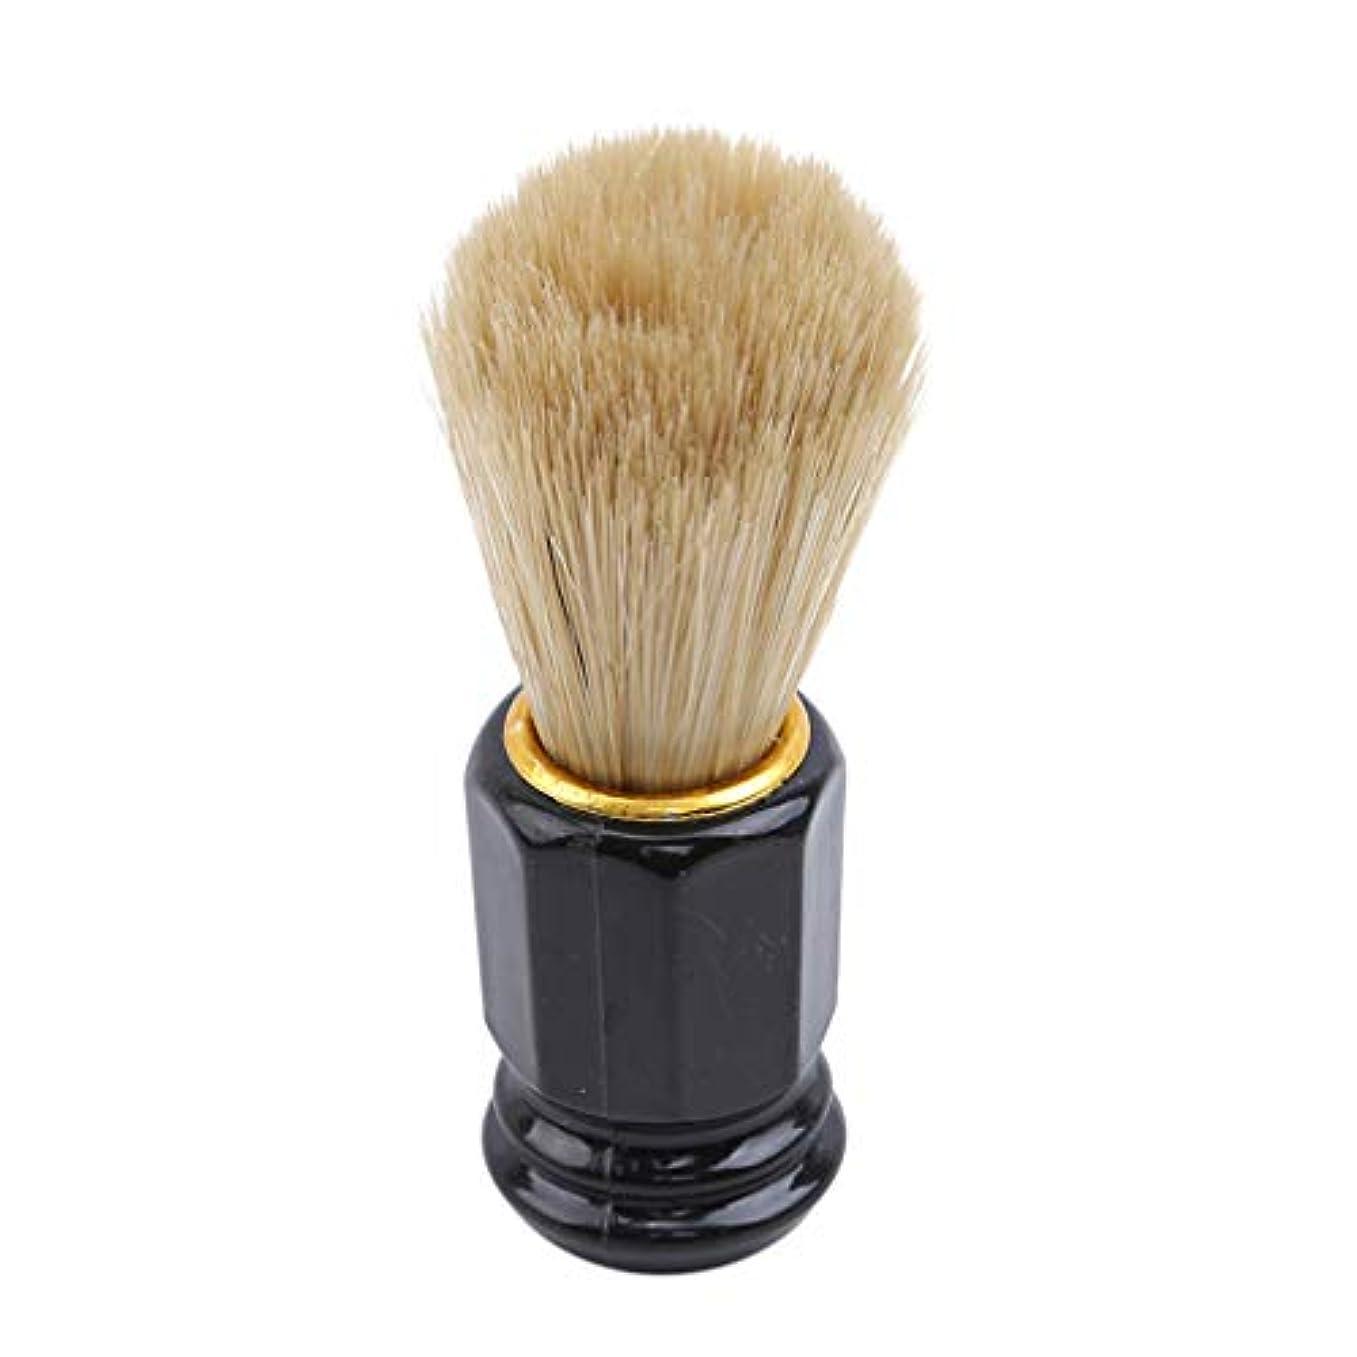 姿勢外科医花婿火の色 ひげブラシ シェービングブラシ 美容ツール 理容 洗顔 髭剃り 泡立ち 男性